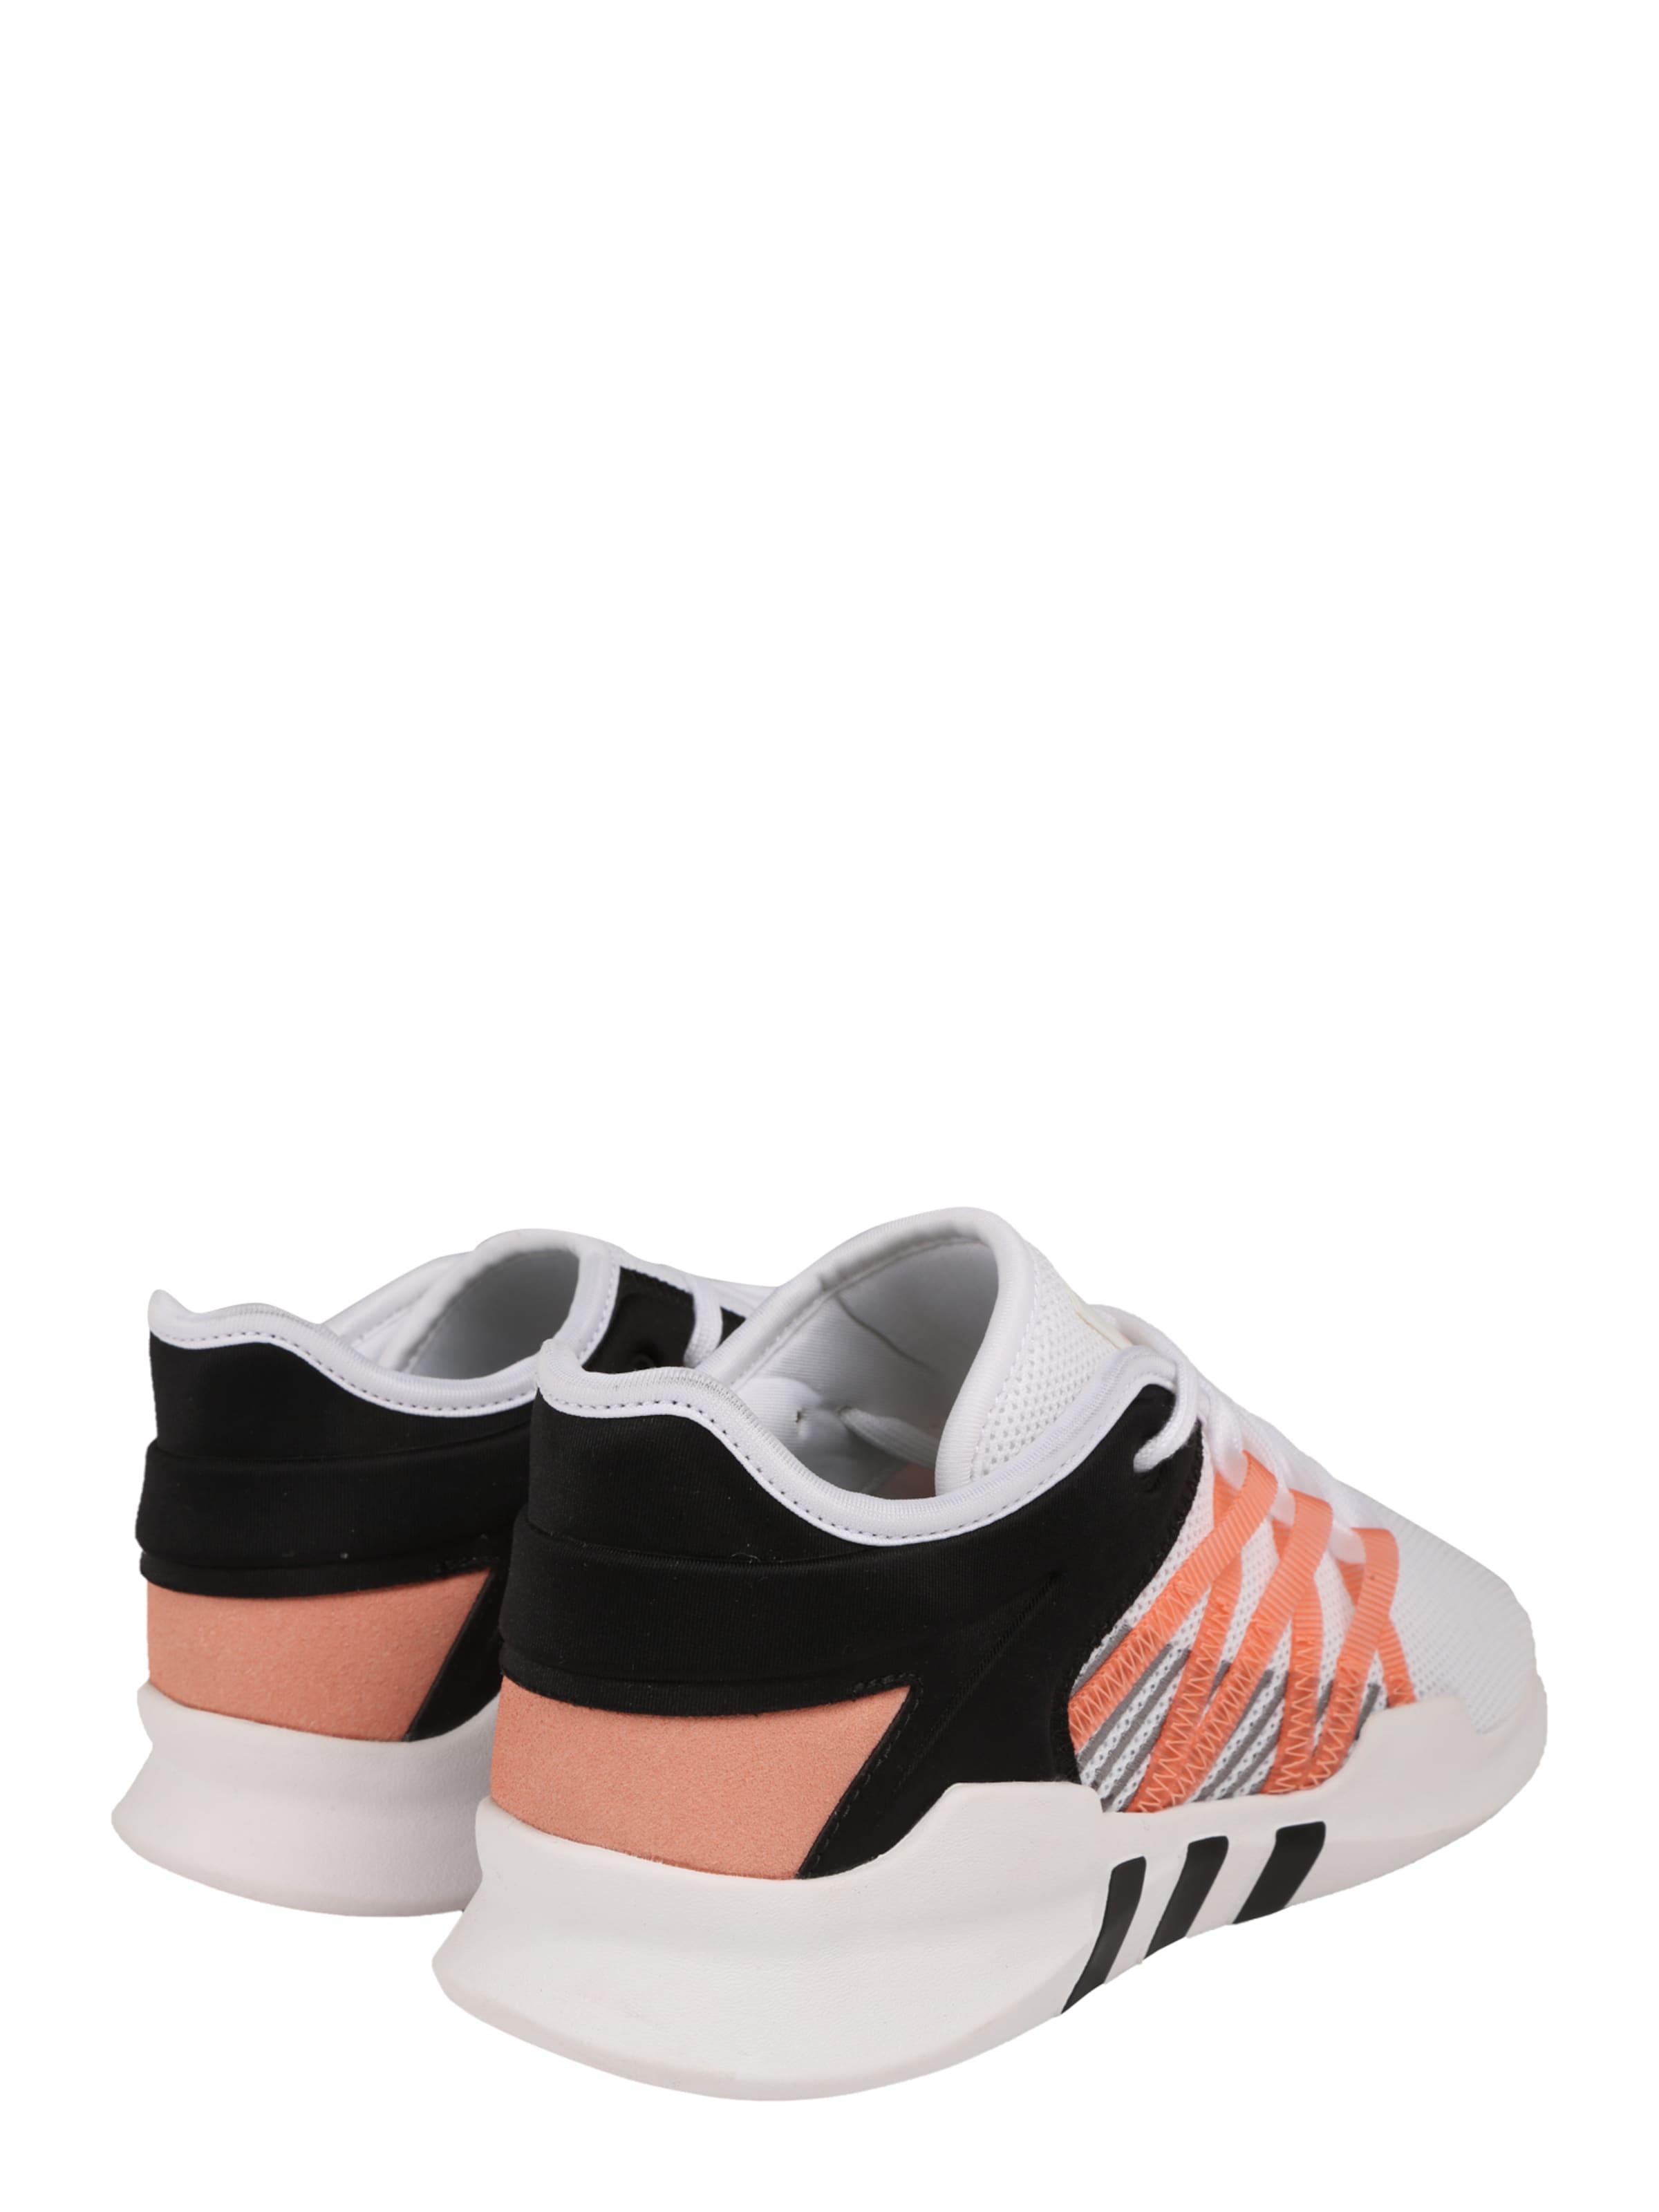 Besuchen Zu Verkaufen ADIDAS ORIGINALS Sneakers 'Racing' Verkauf Breite Palette Von Neue Stile Zu Verkaufen FsDm9